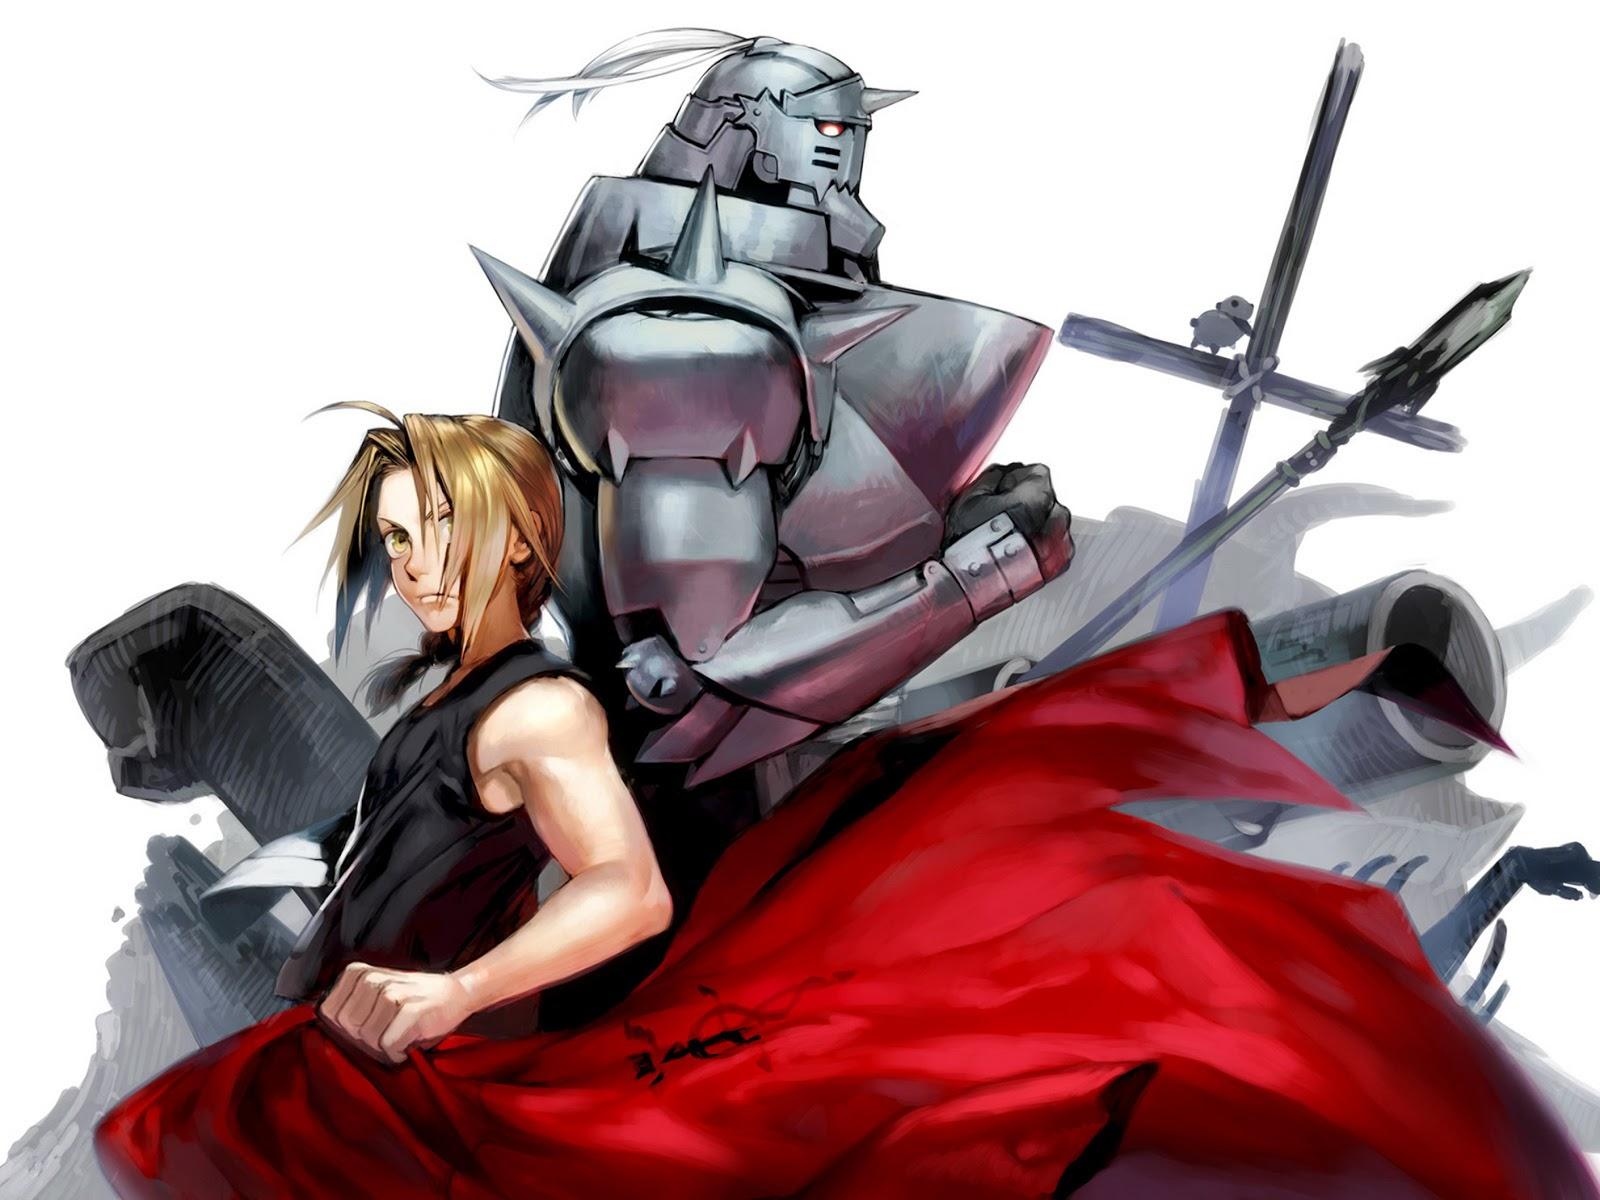 hd wallpaper: Cool Fullmetal Alchemist 1382